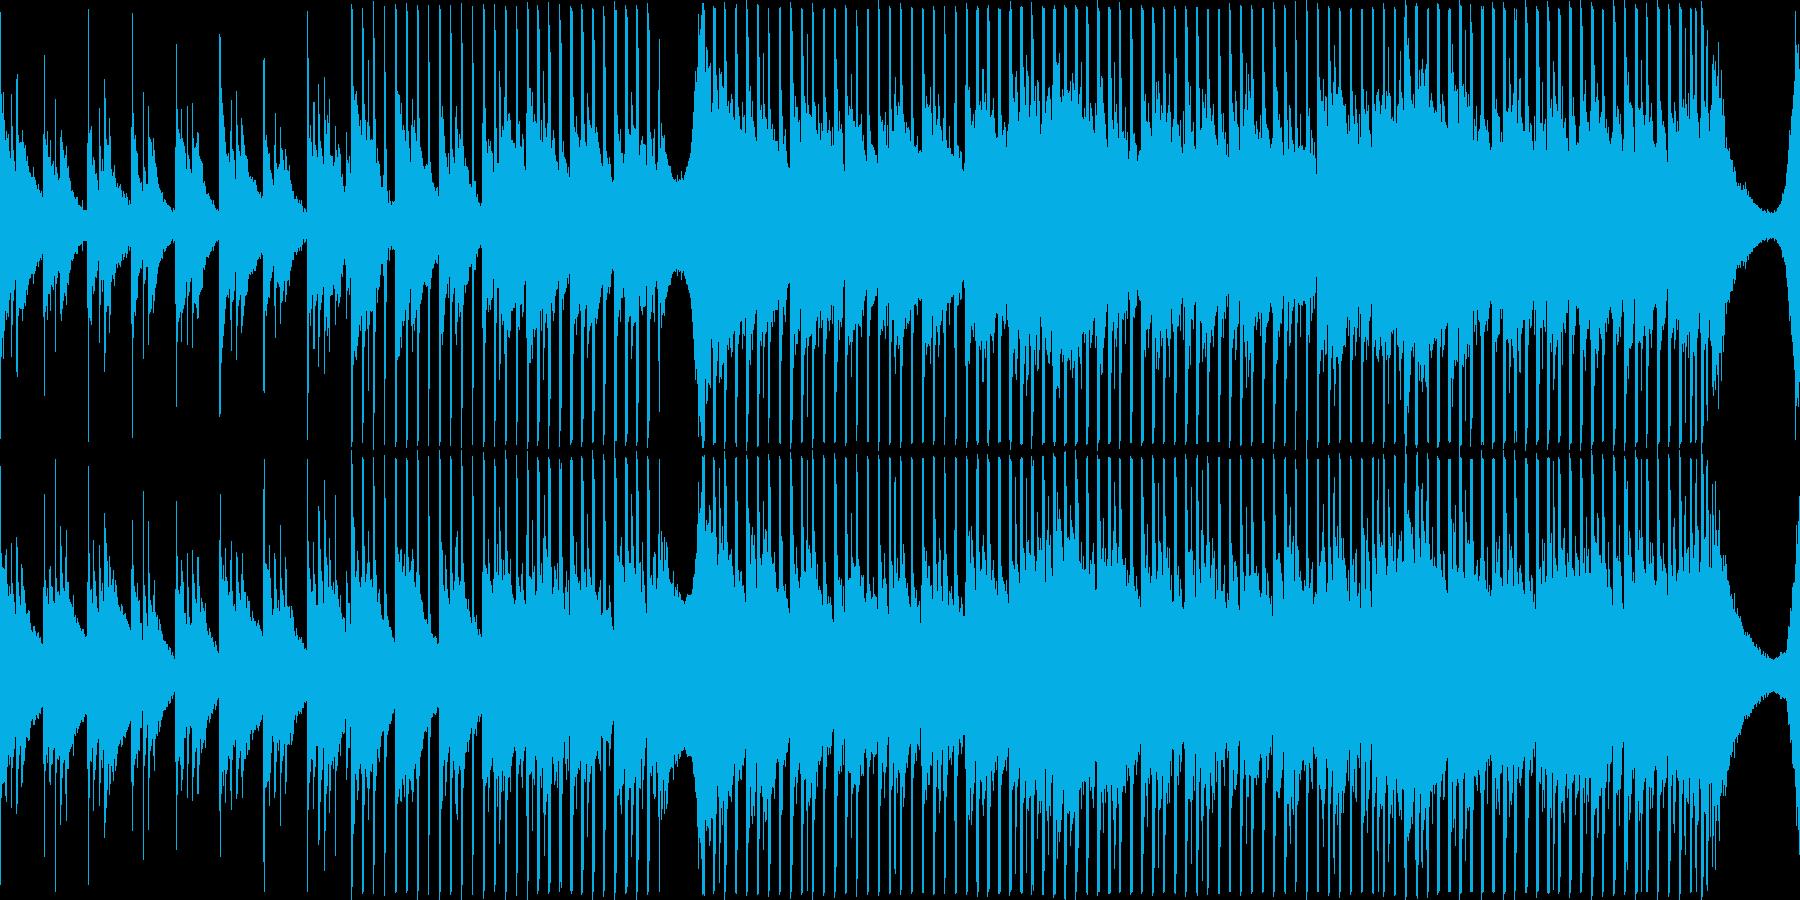 エンドロール・哀愁・優しいBGM/aの再生済みの波形